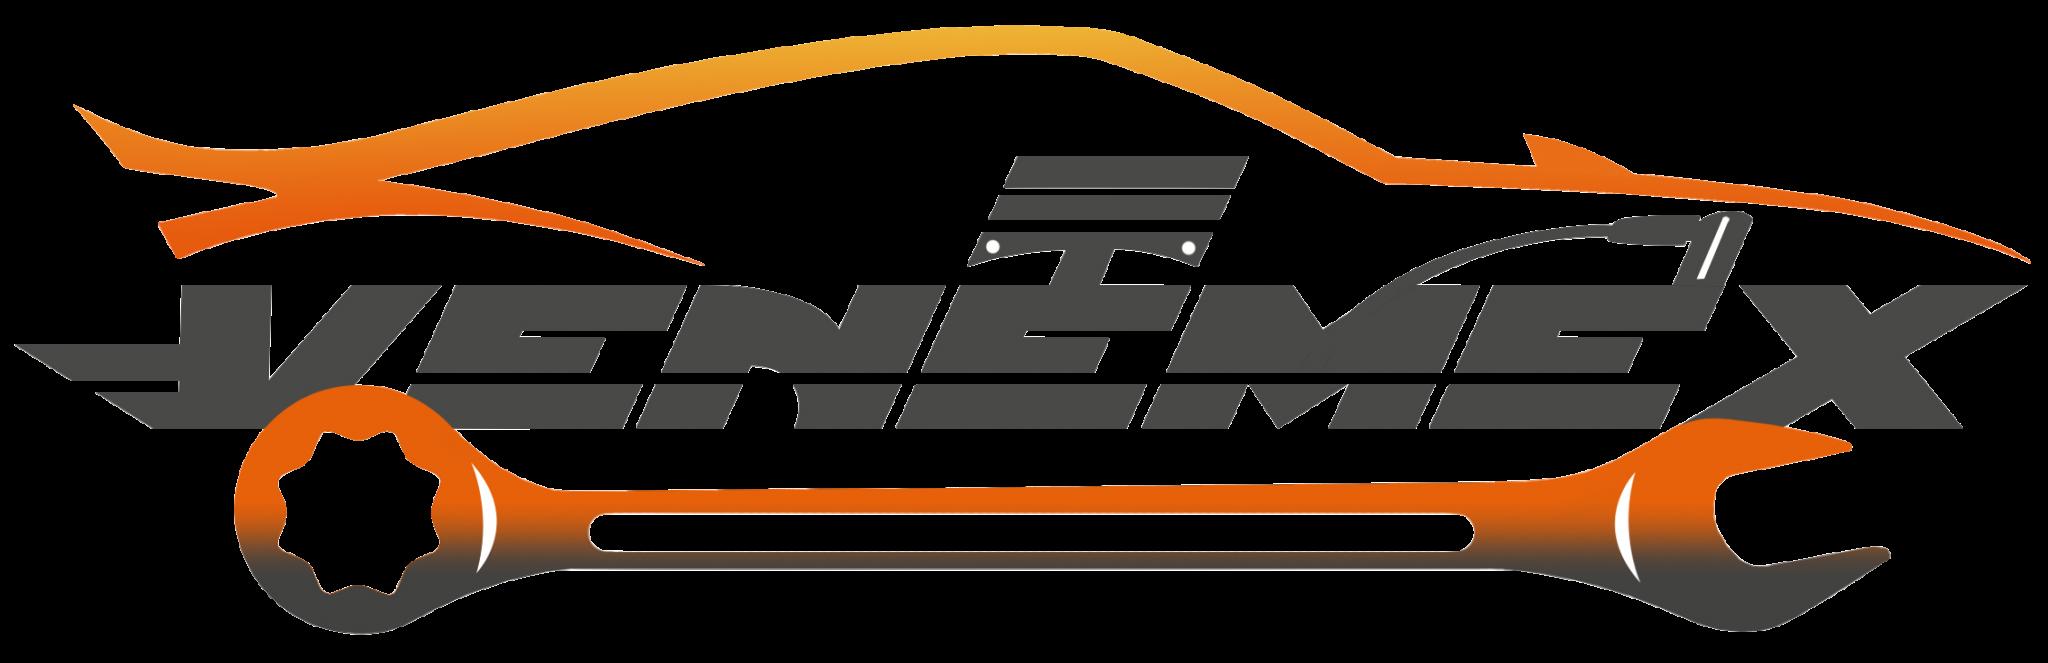 Venemex Auto